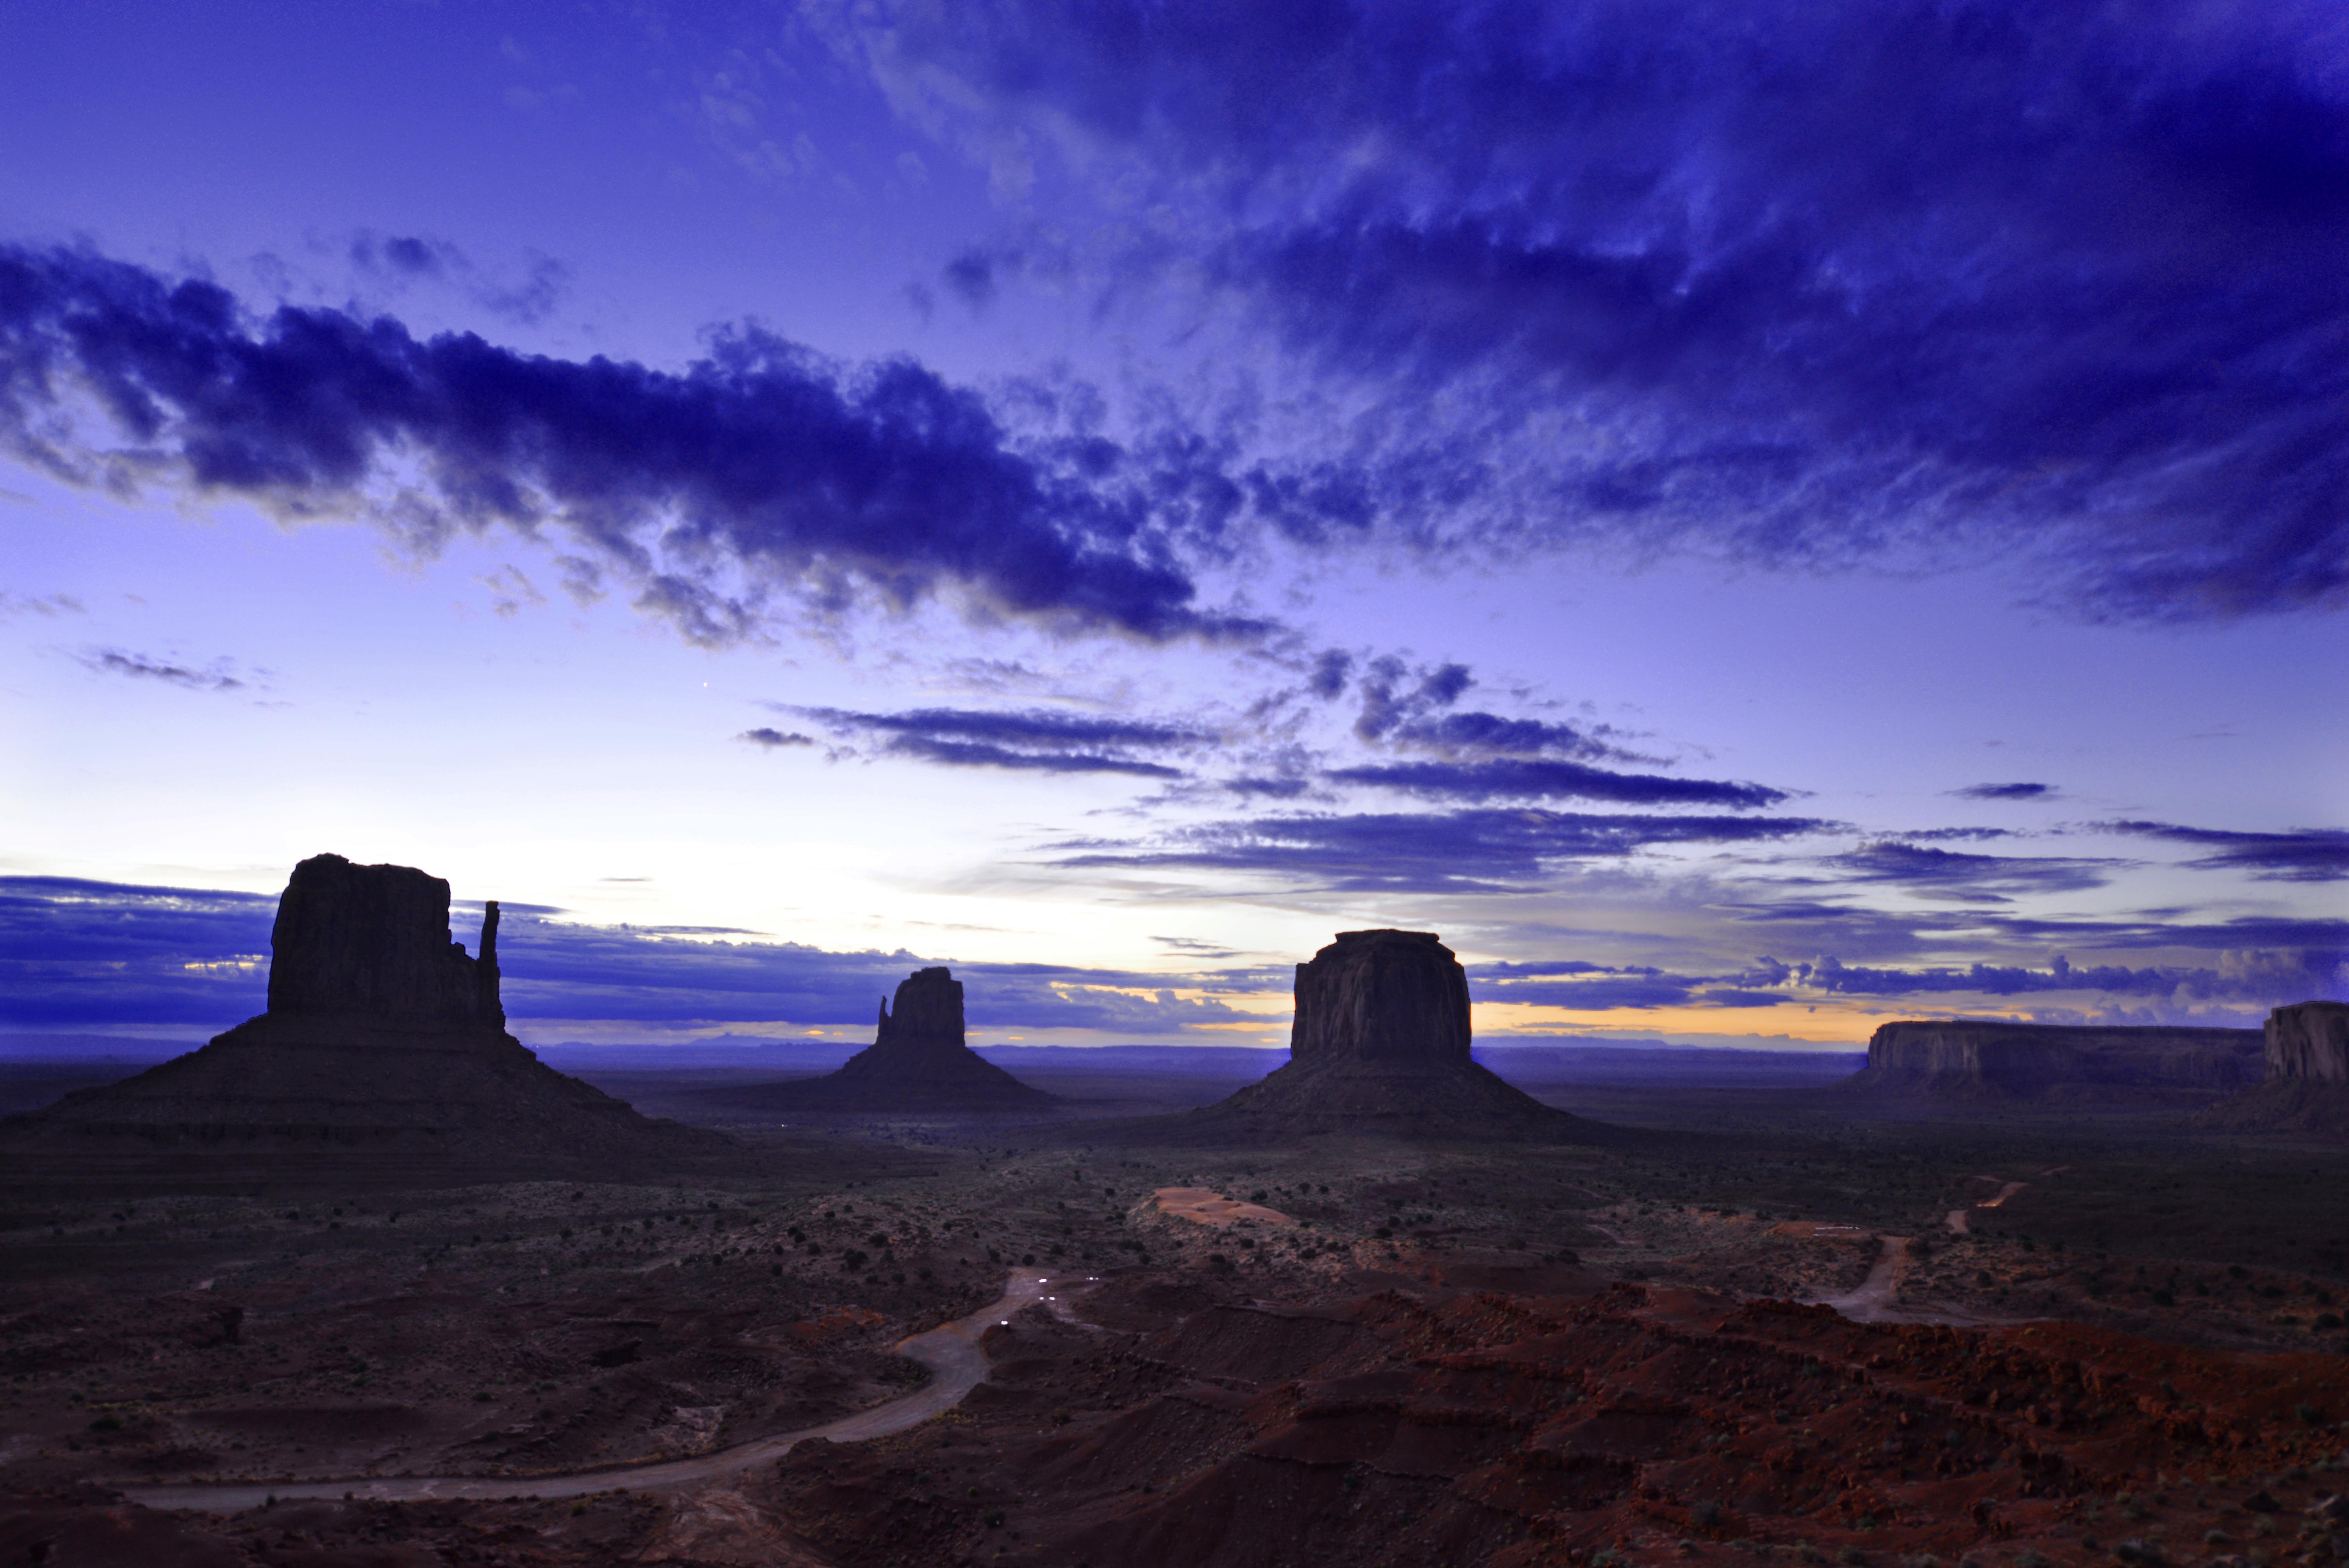 108748 Hintergrundbild herunterladen Natur, Sky, Denkmäler, Prärie, Prairie, Dämmerung, Twilight, Senke, Tal, Monumente - Bildschirmschoner und Bilder kostenlos